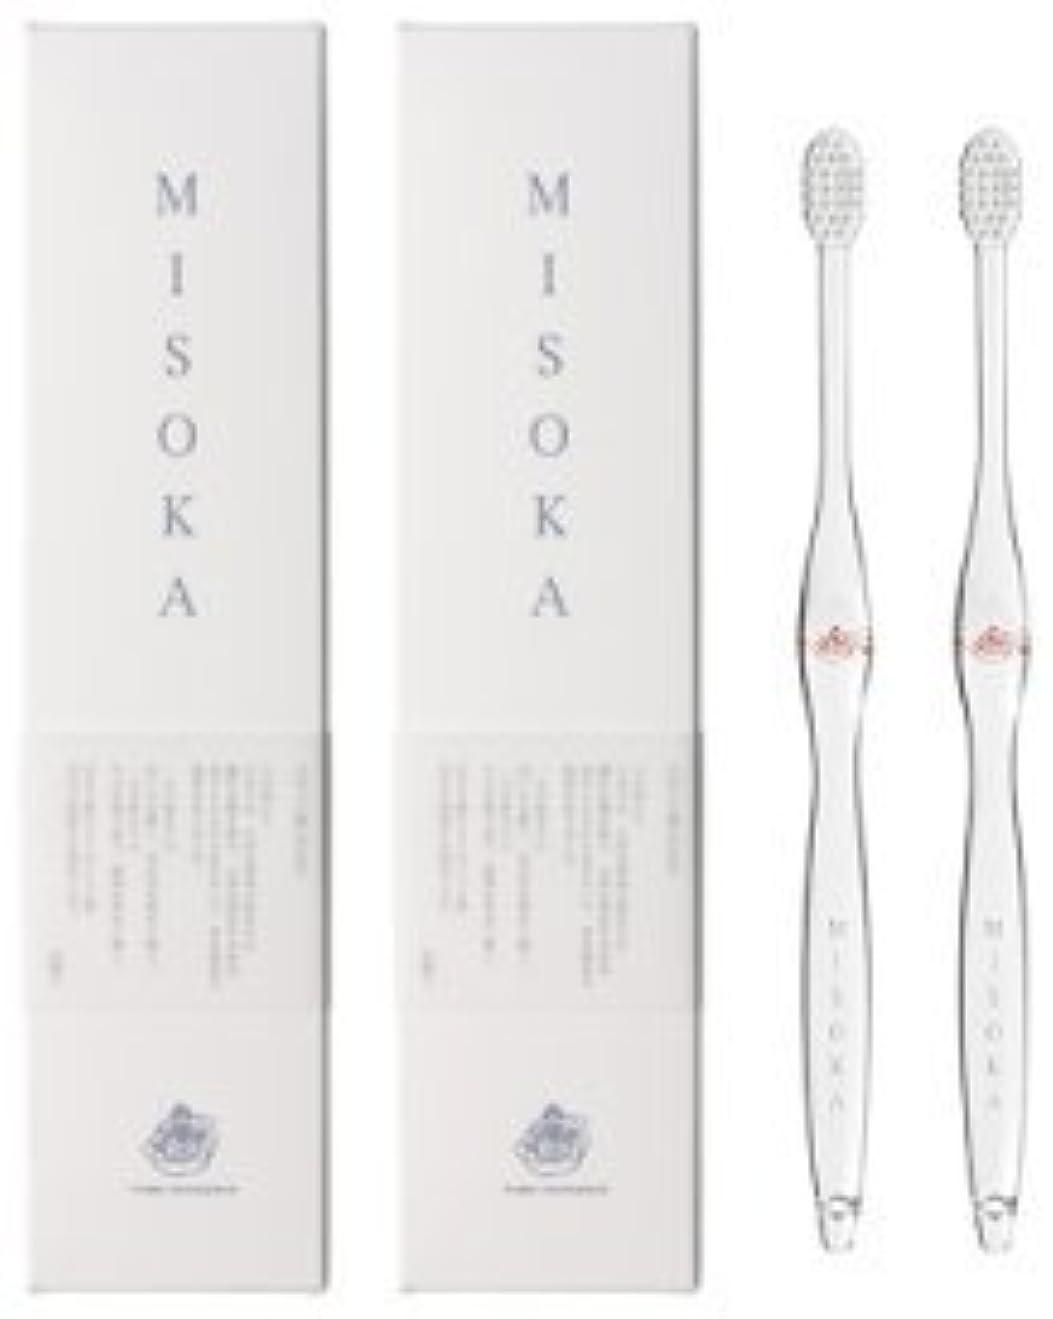 その結果フィッティング近似MISOKA(ミソカ) 歯ブラシ 朱色 2本セット